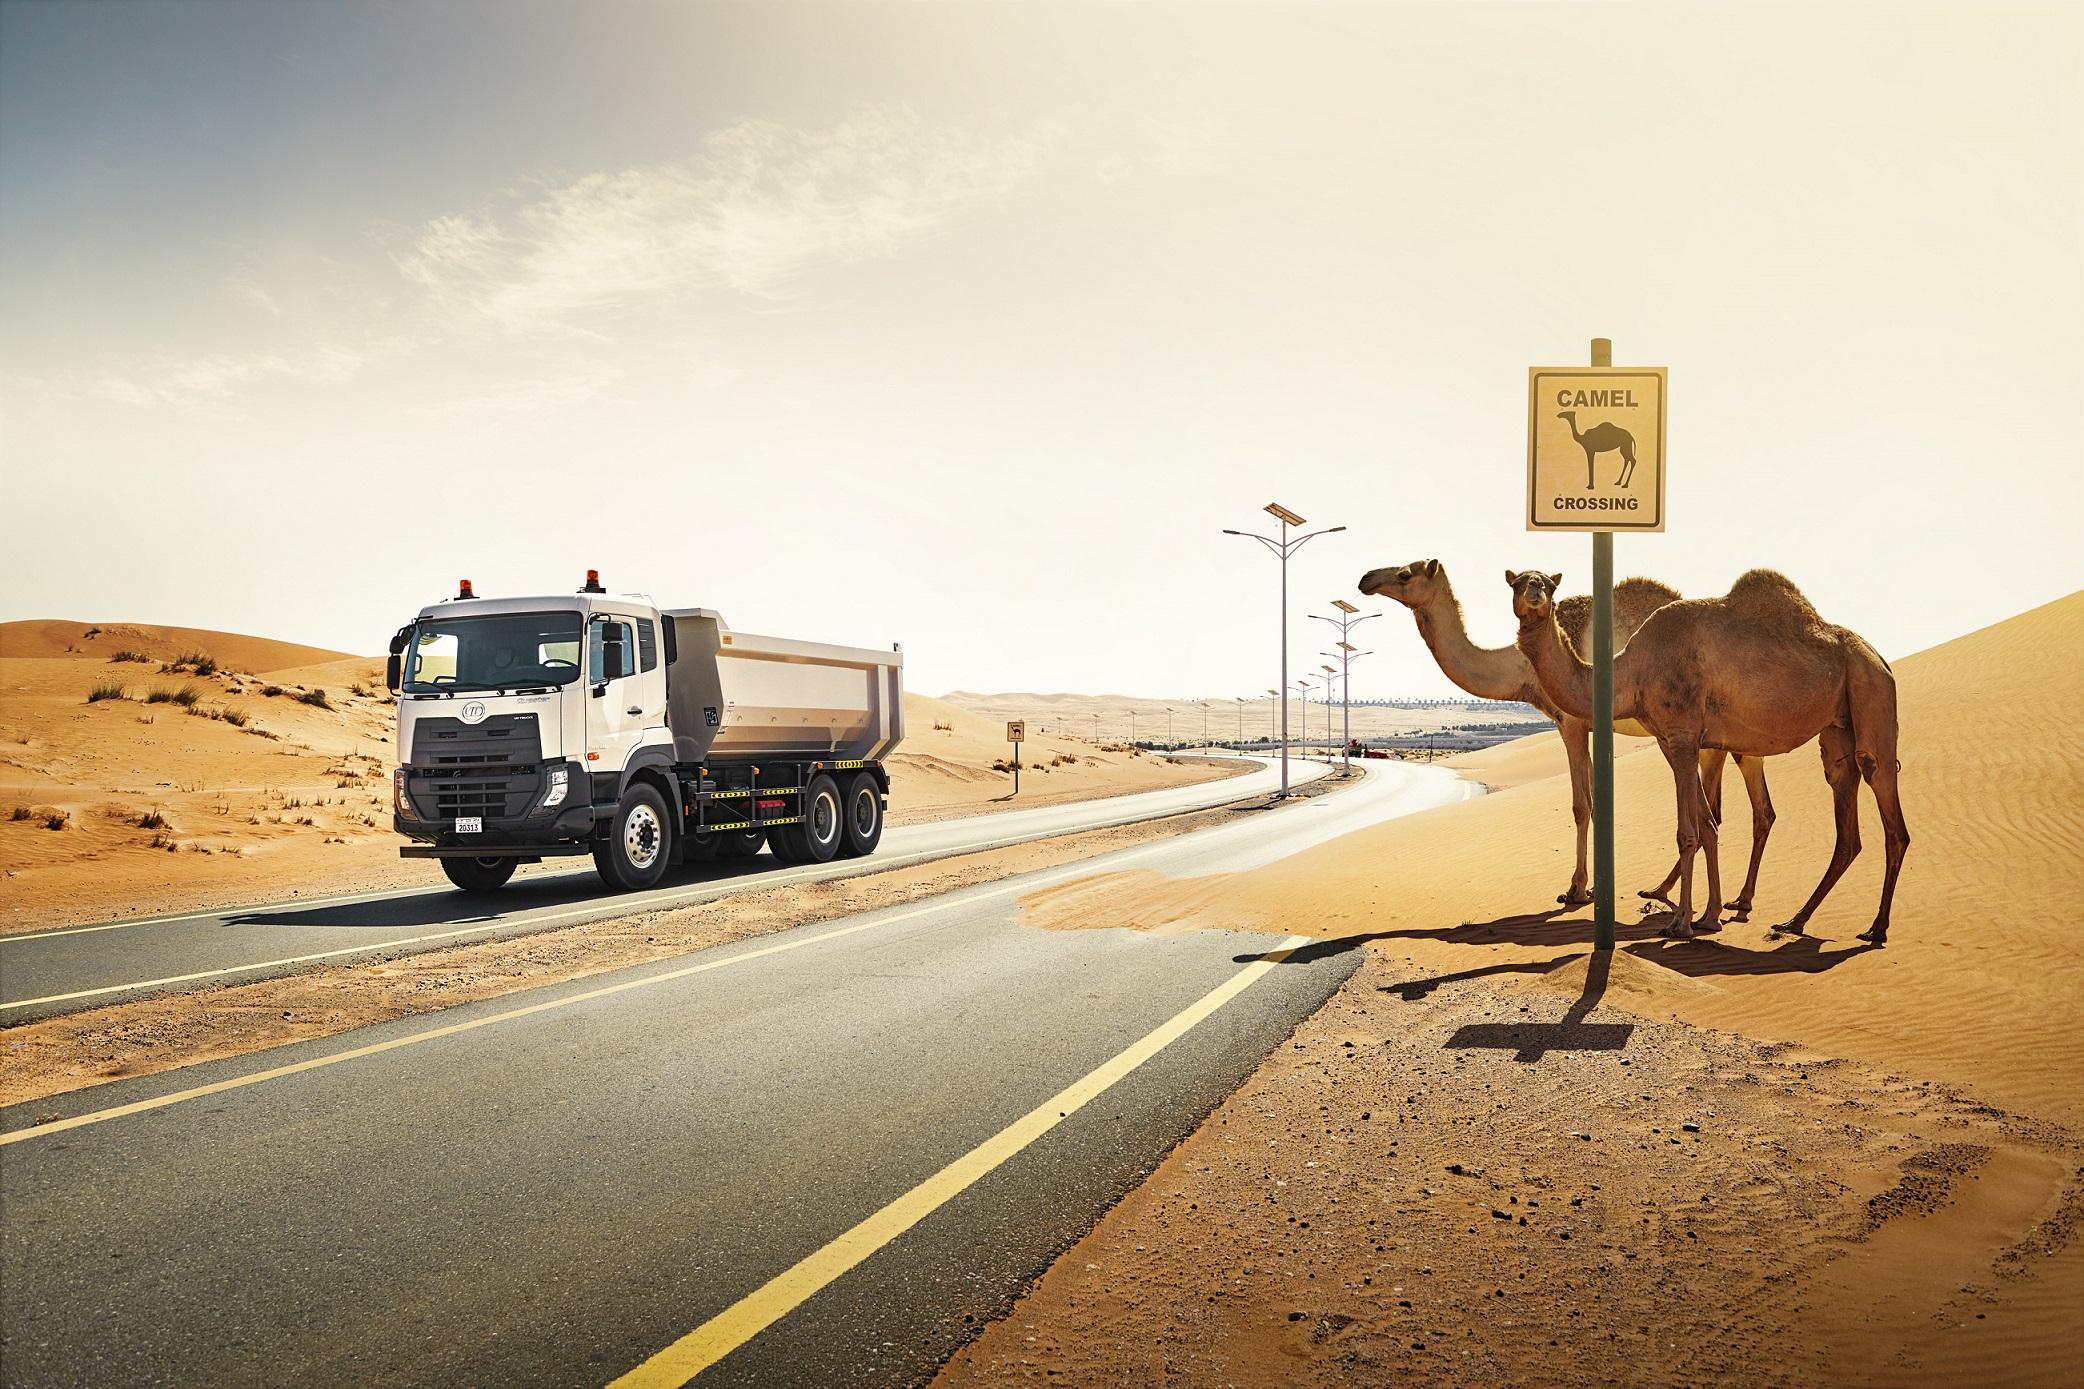 'شاحنات يو دي' تعلِن عن نمو في مبيعاتها بمختلف أنحاء منطقة الشرق الأوسط، شرق وشمال أفريقيا خلال العام 2018